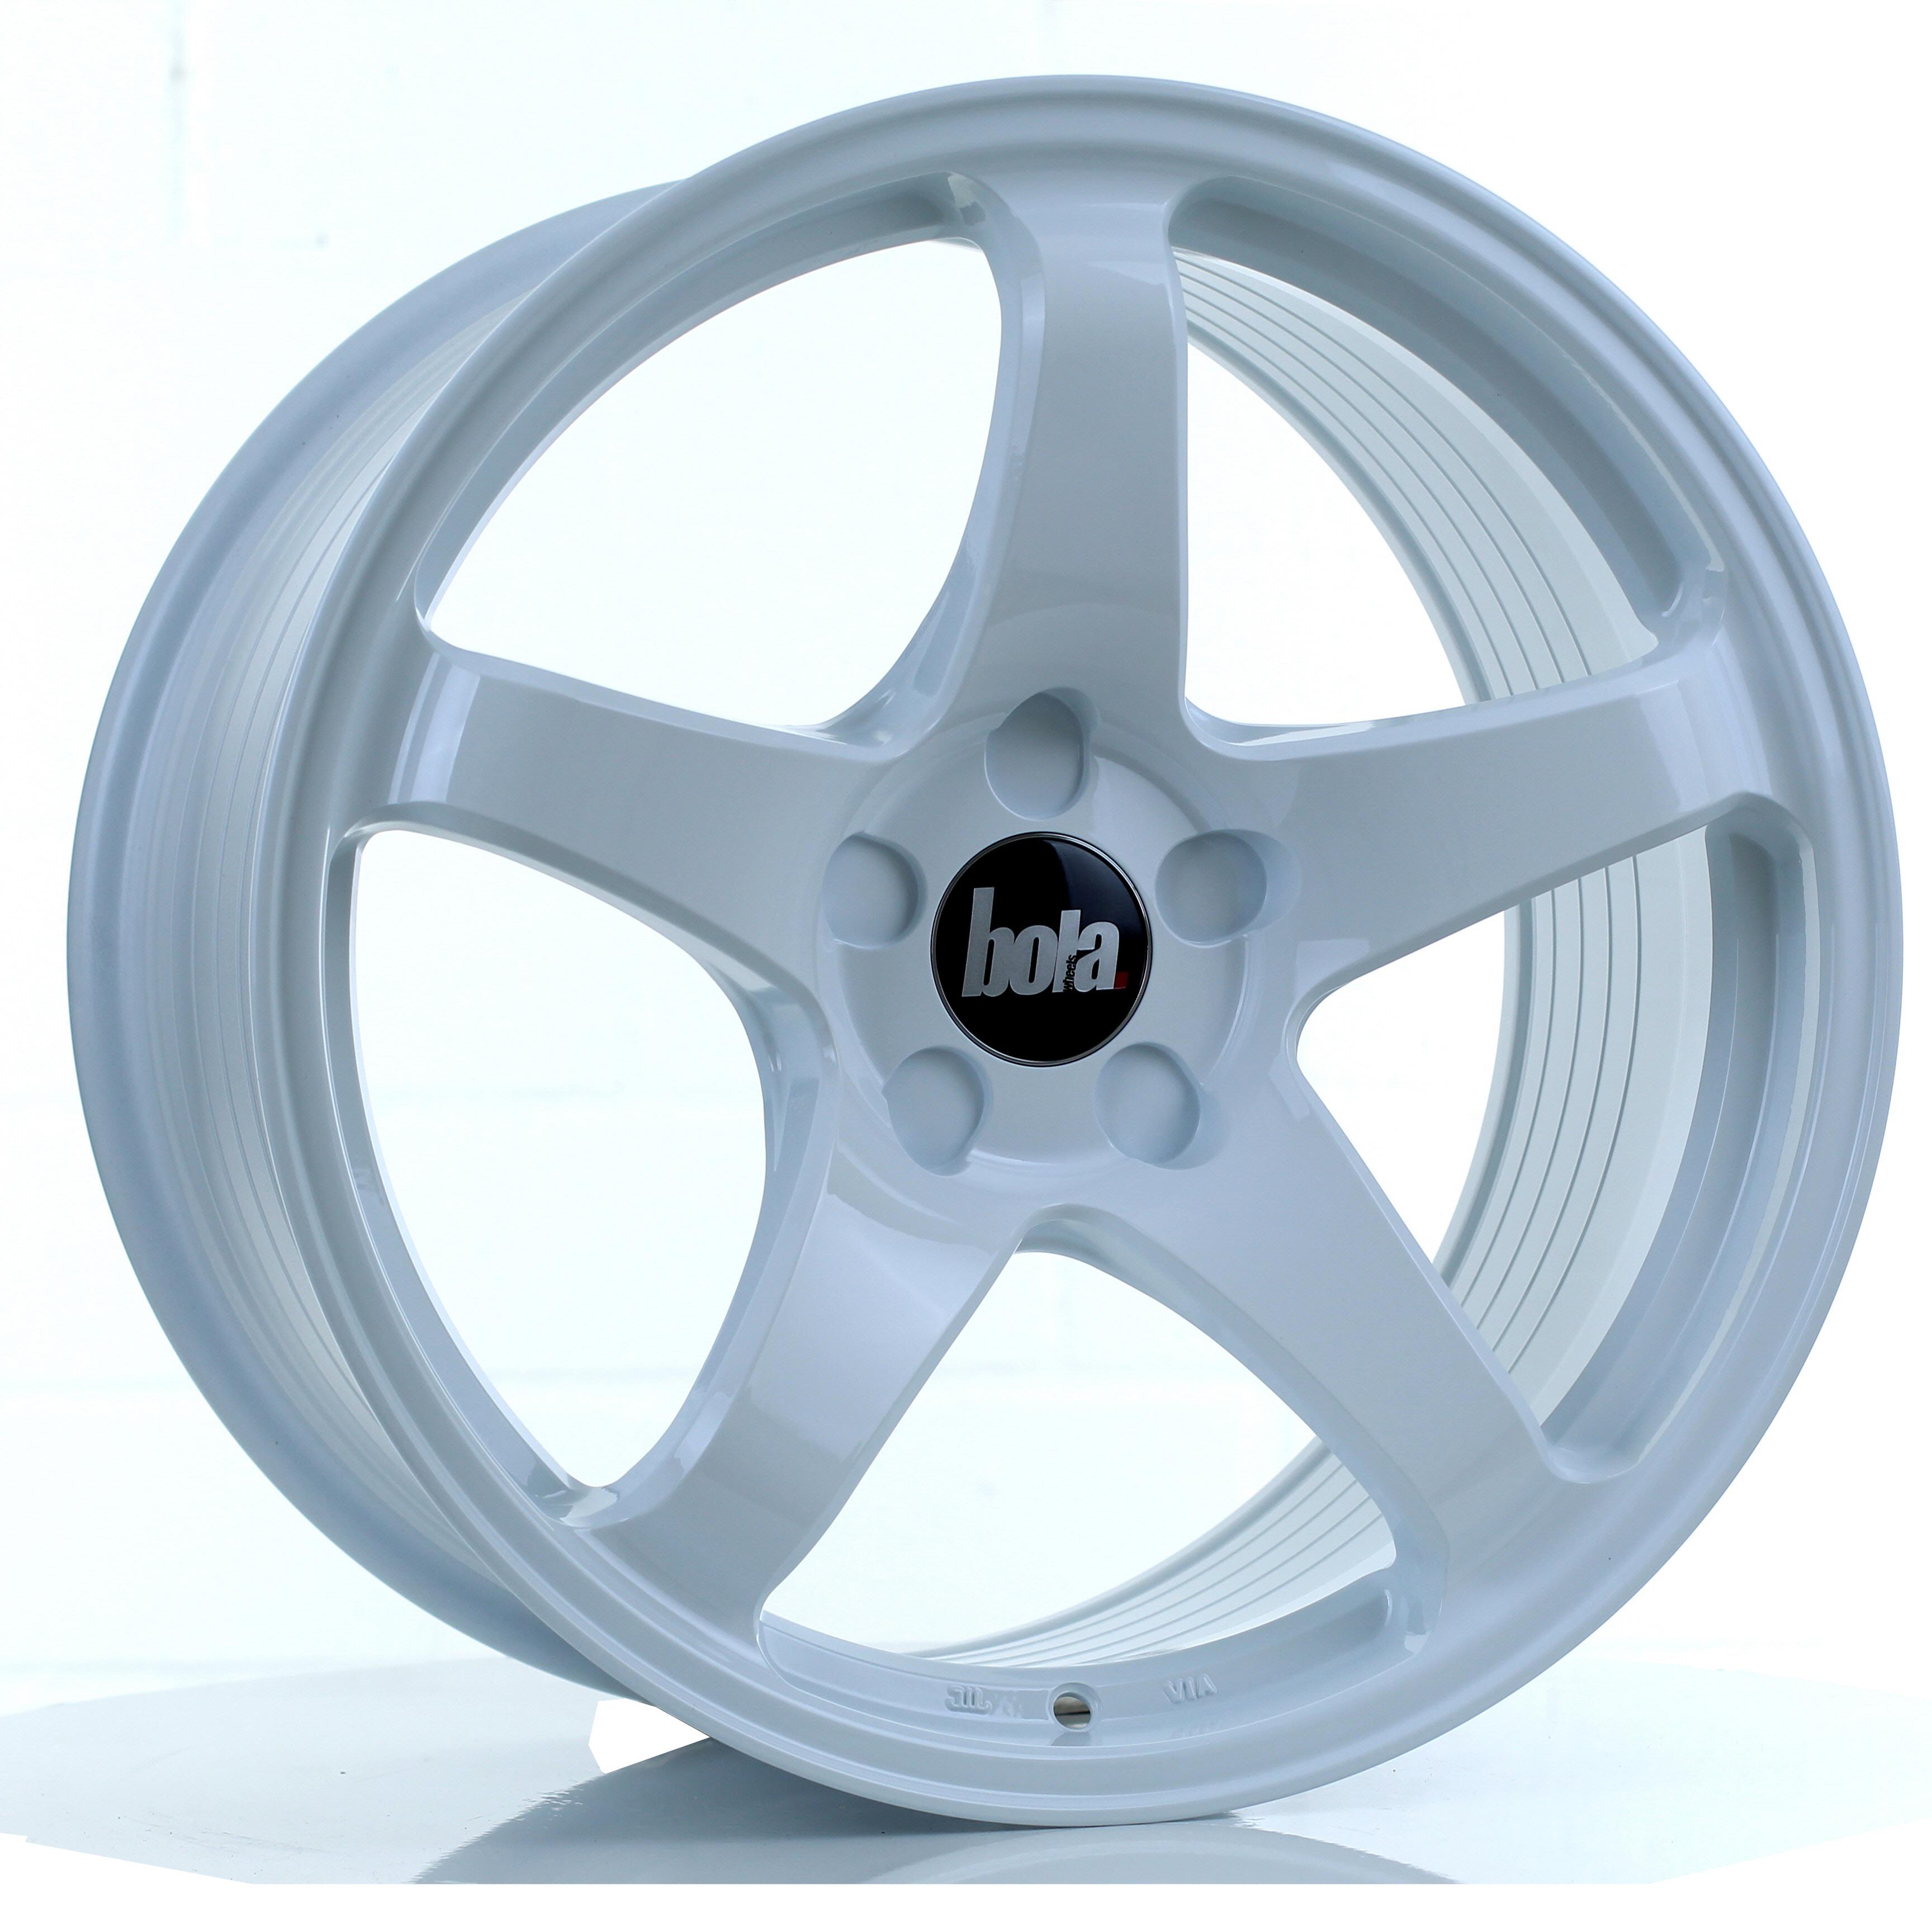 BOLA B2R hliníkové disky 9,5x18 5x118 ET30 DO 45 WHITE